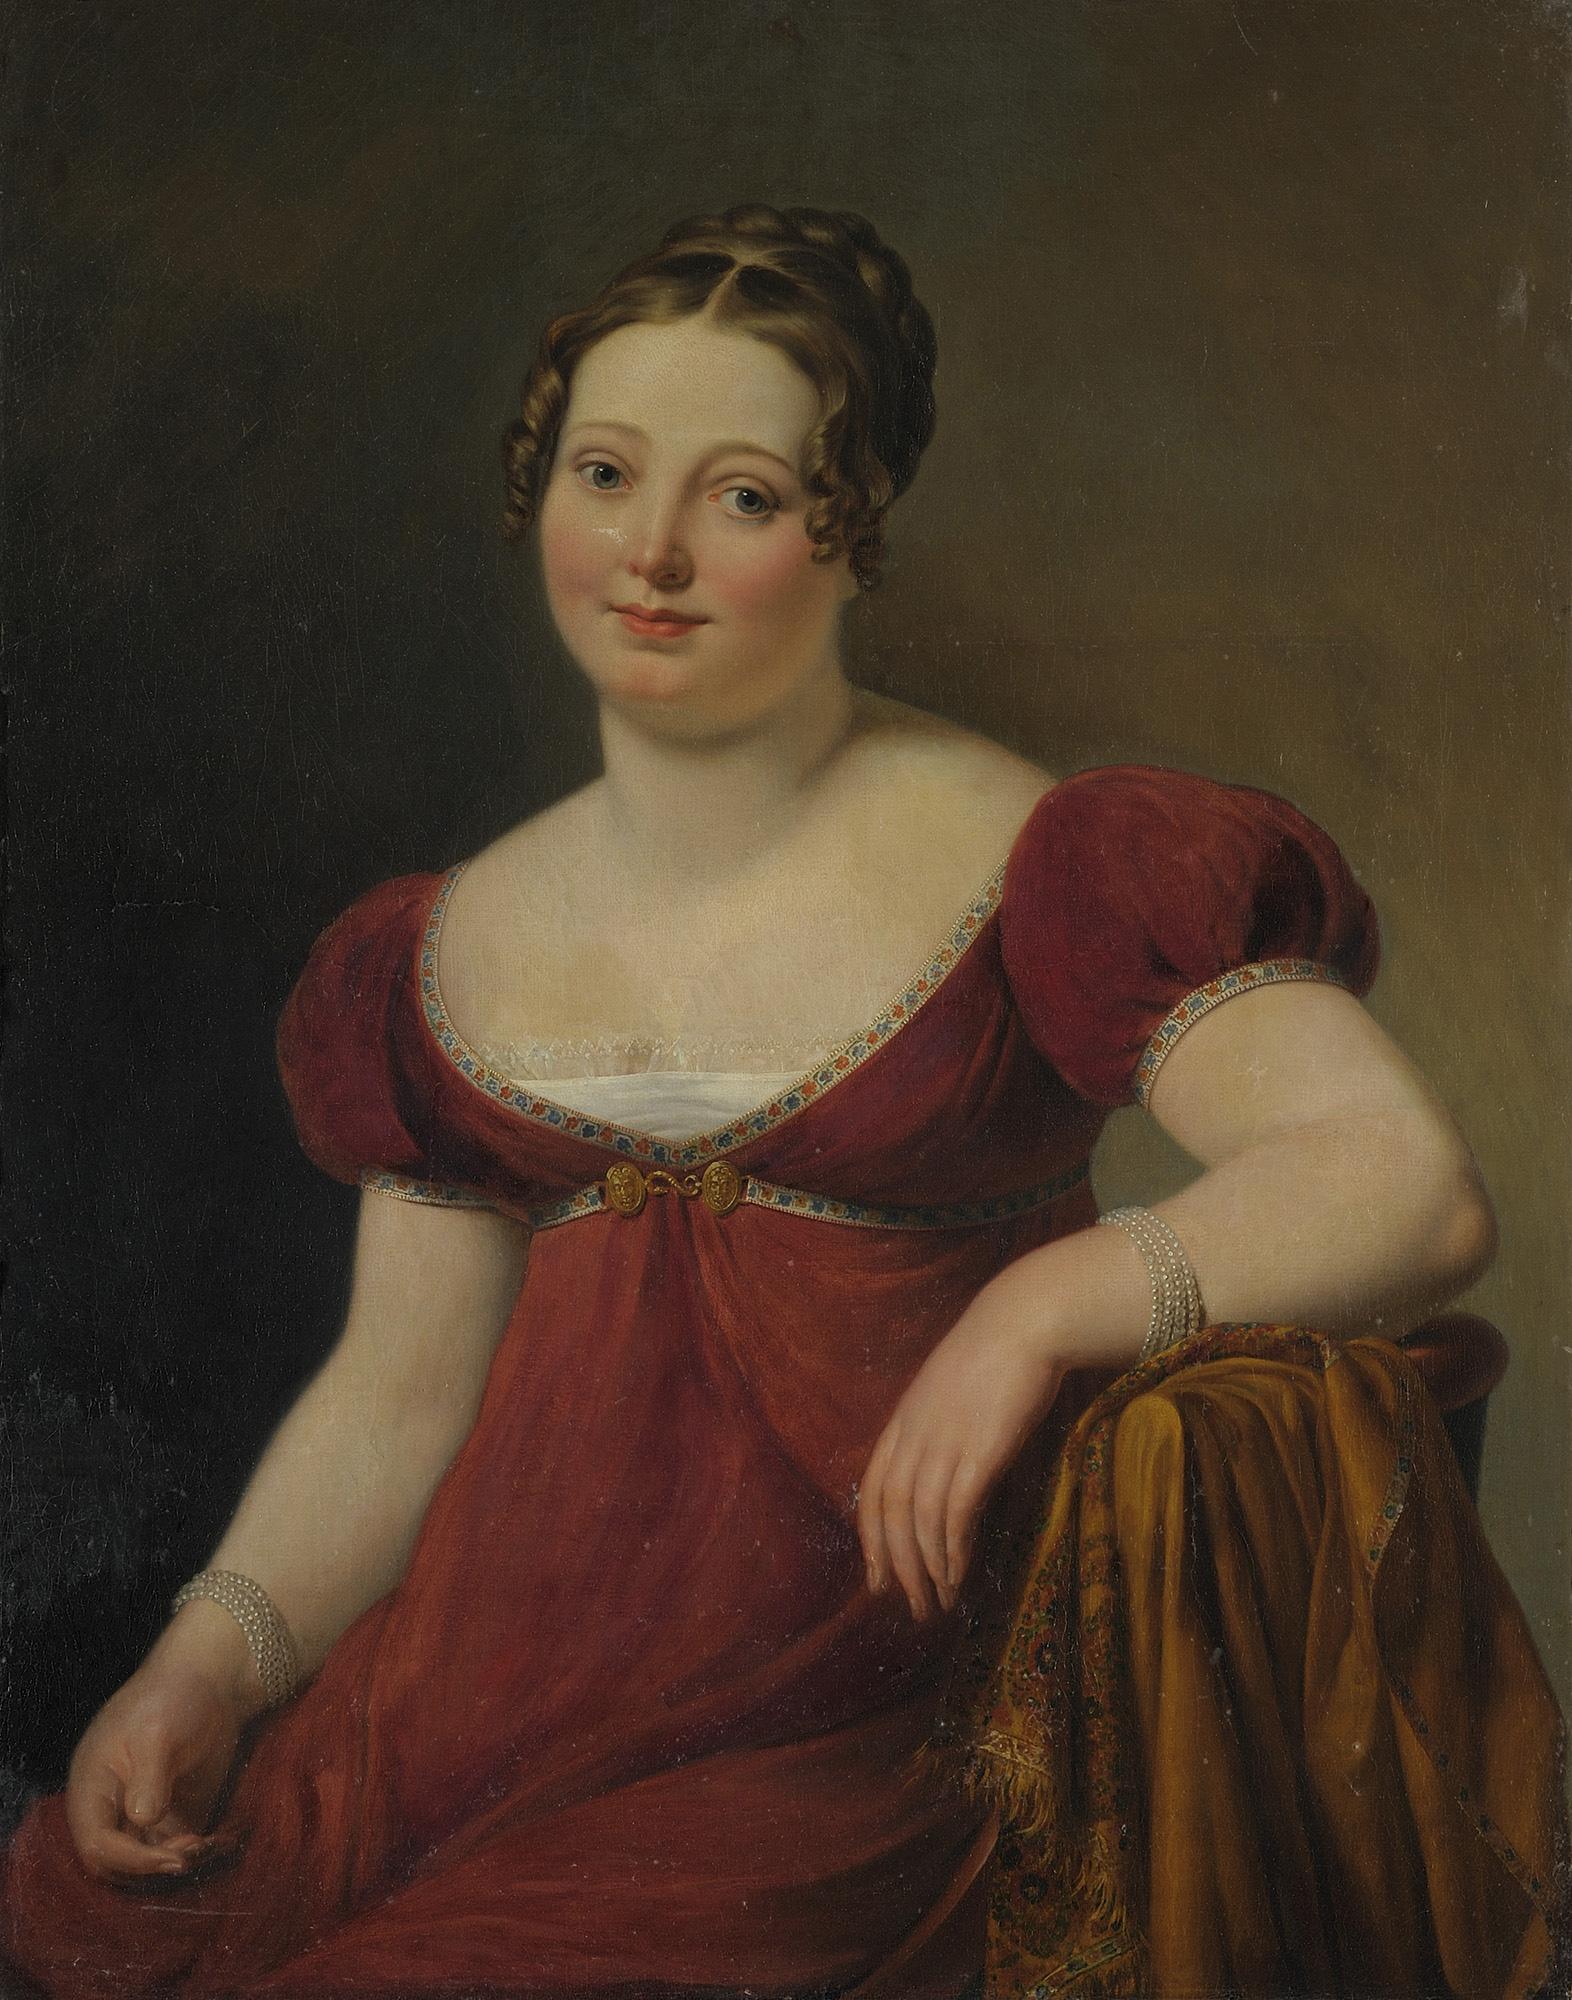 Ritratto di gentildonna a tre quarti di figura, in abito rosso